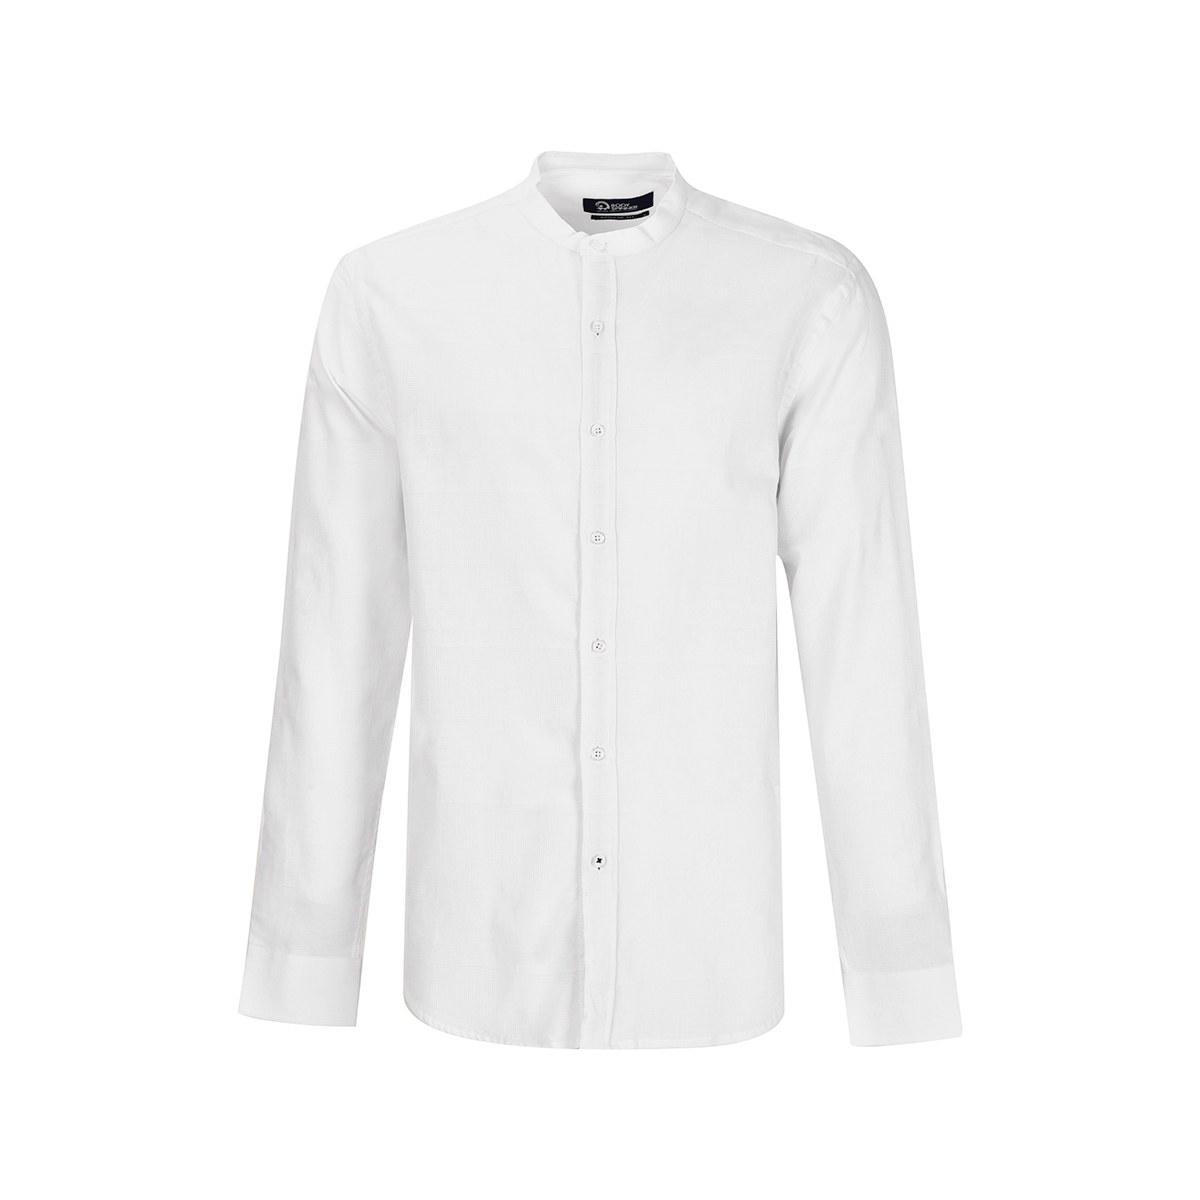 تصویر پیراهن مردانه آستین بلند یقه فرنچ